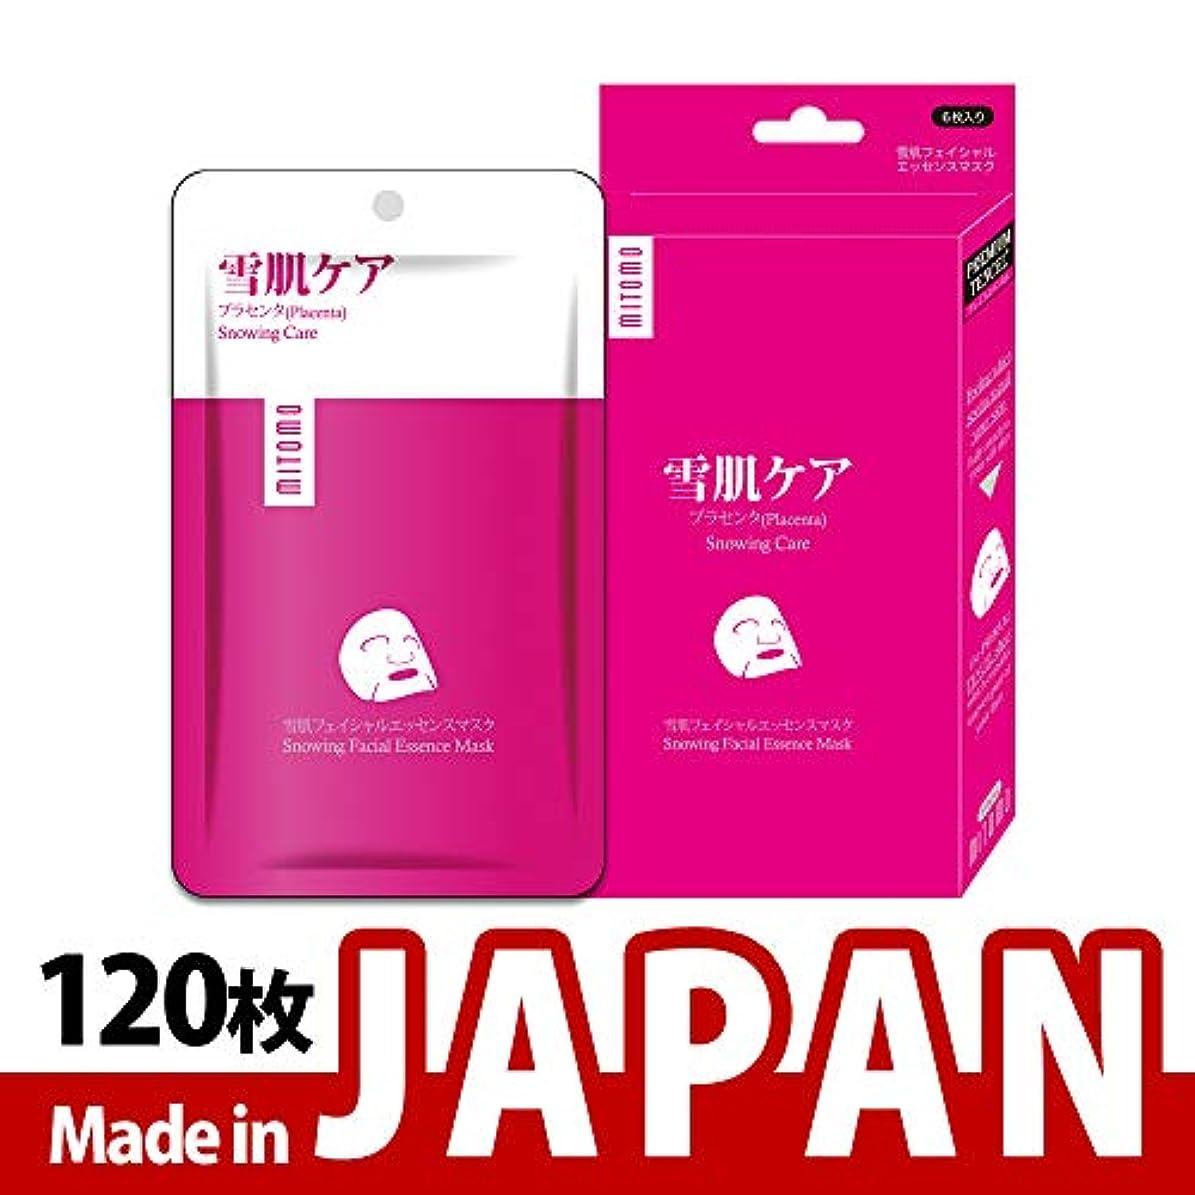 寓話ラベンダー事務所【HS002-A-4】MITOMO日本製シートマスク/6枚入り/120枚/美容液/マスクパック/送料無料